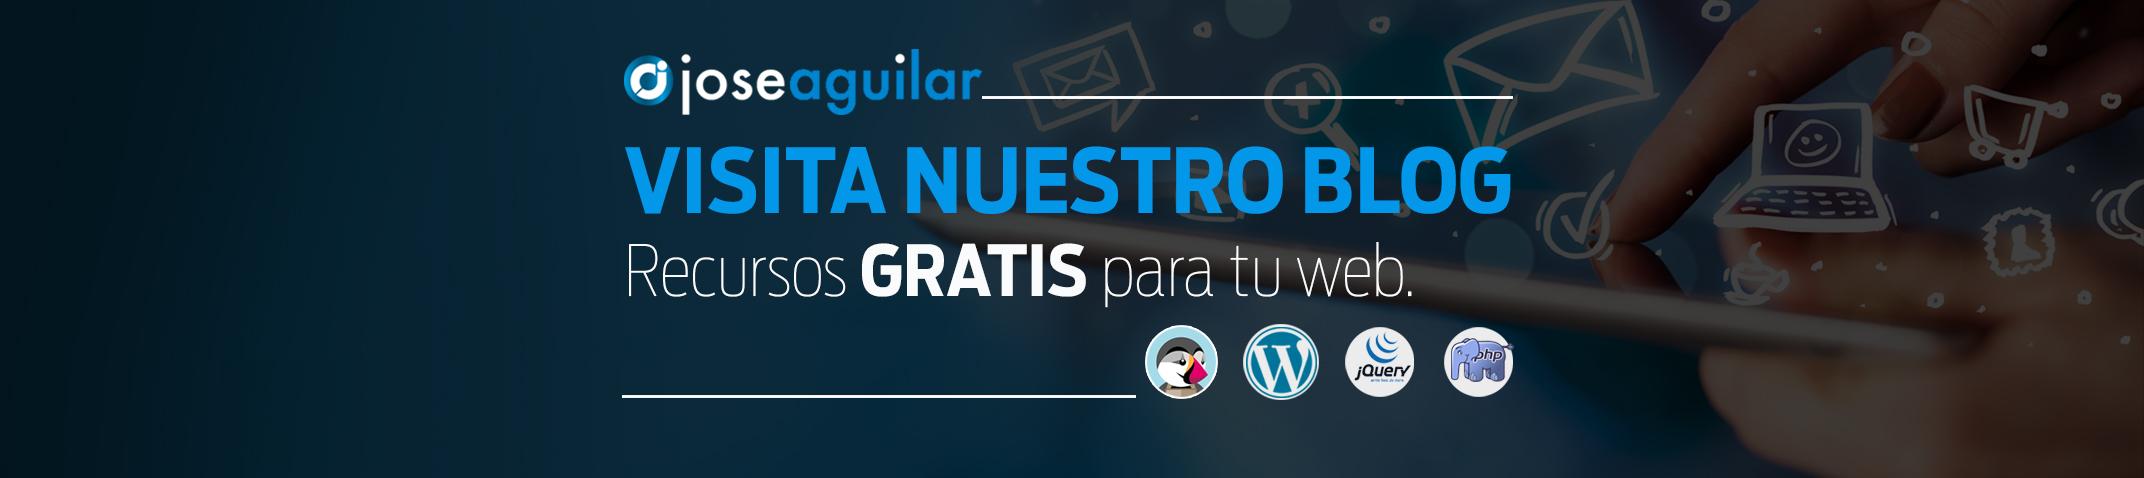 Blog Jose Aguilar – Recursos gratis para programar en jQuery, PHP, HTML, etc…